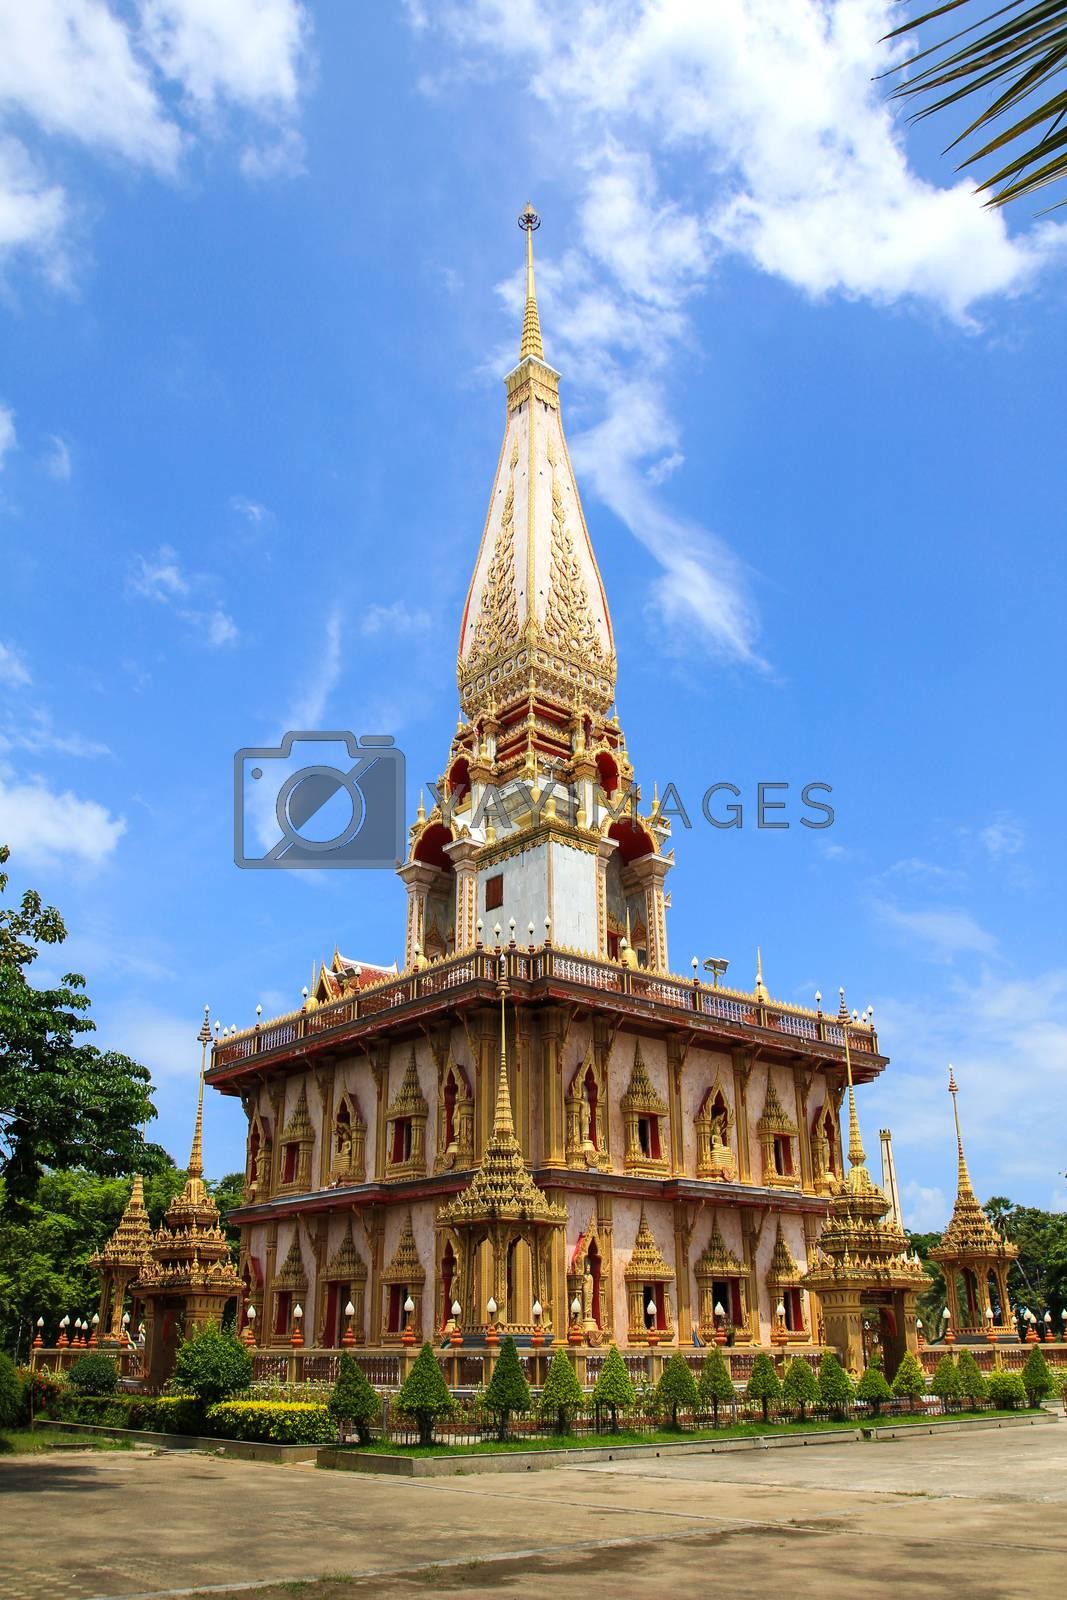 Pagoda at Wat Chalong Temple in Phuket, Thailand. by Nunnicha Supagrit